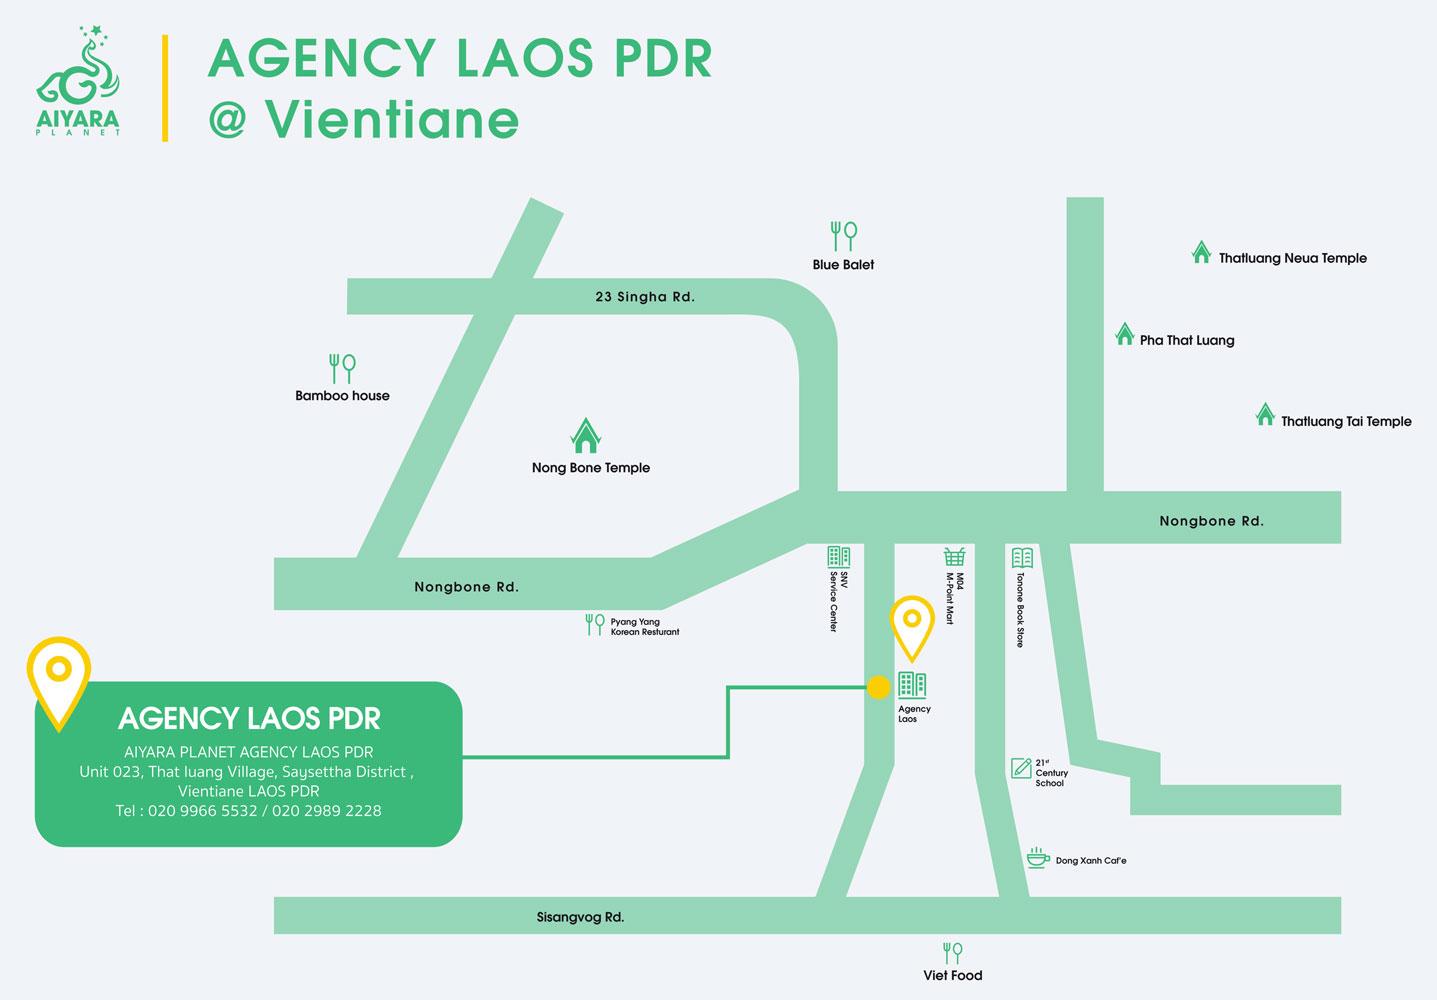 AGENCY VIENTIANE, LAOS